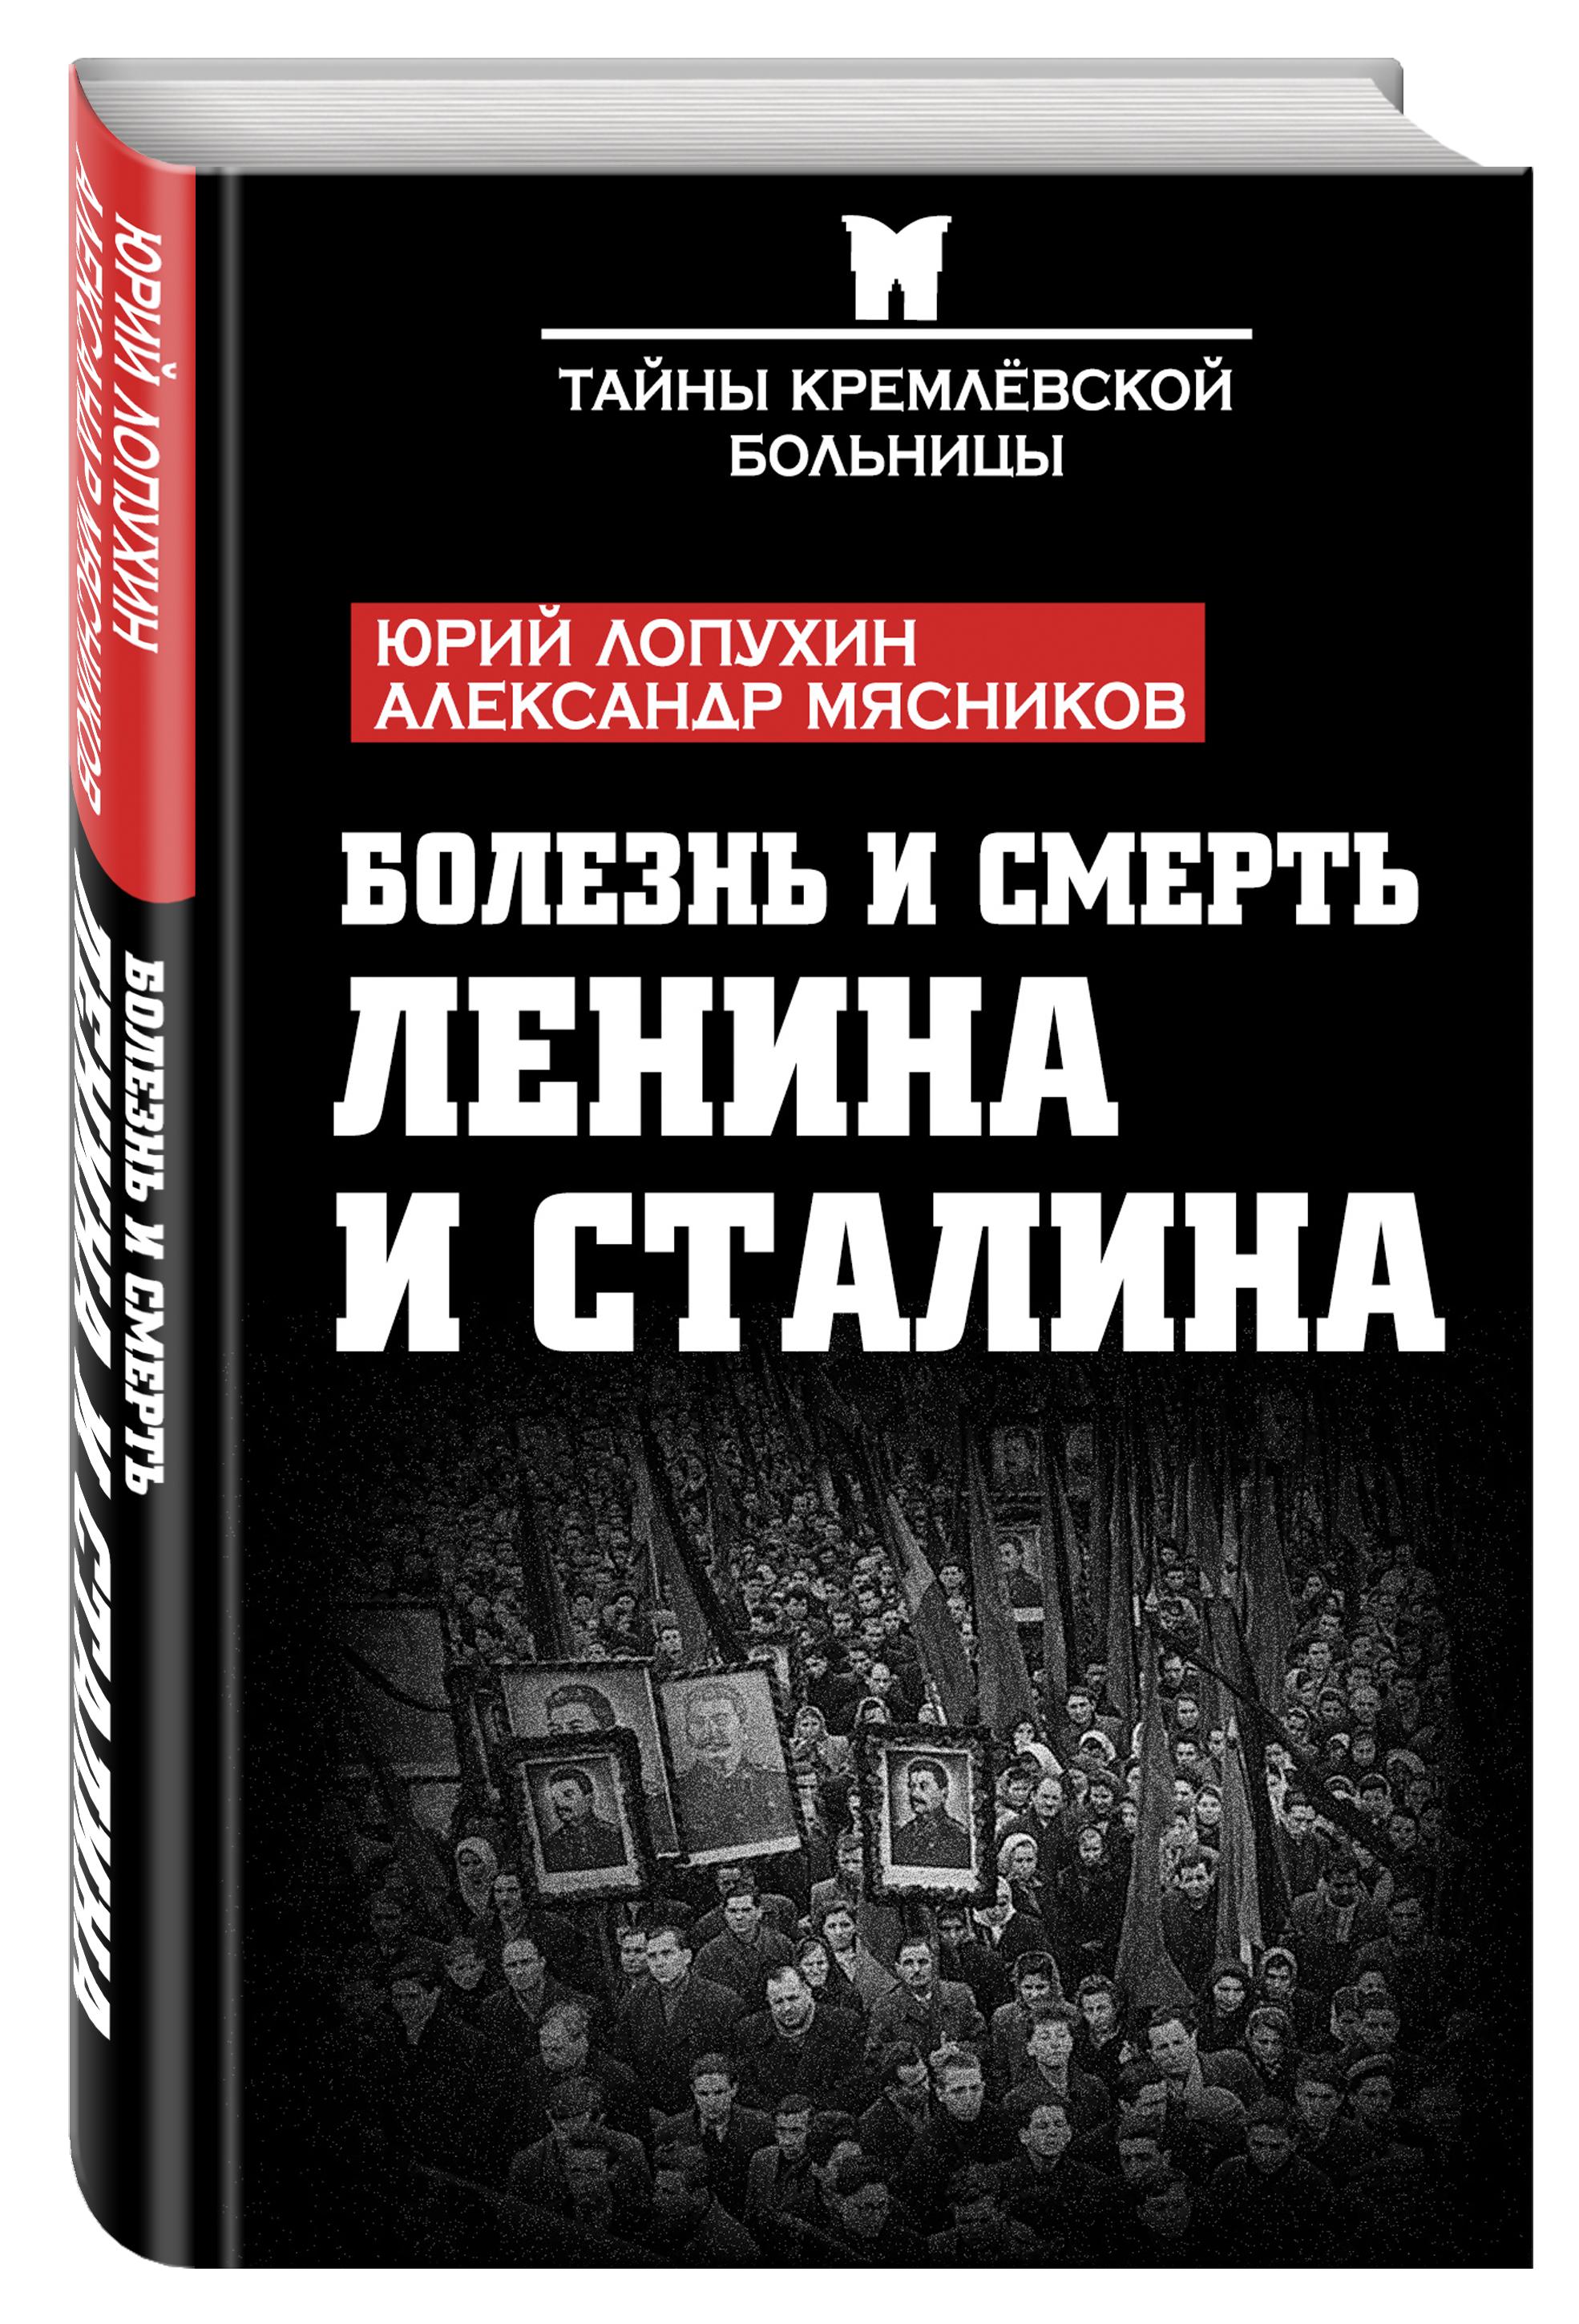 Болезнь и смерть Ленина и Сталина ( Лопухин Ю.М., Мясников А.Л.  )